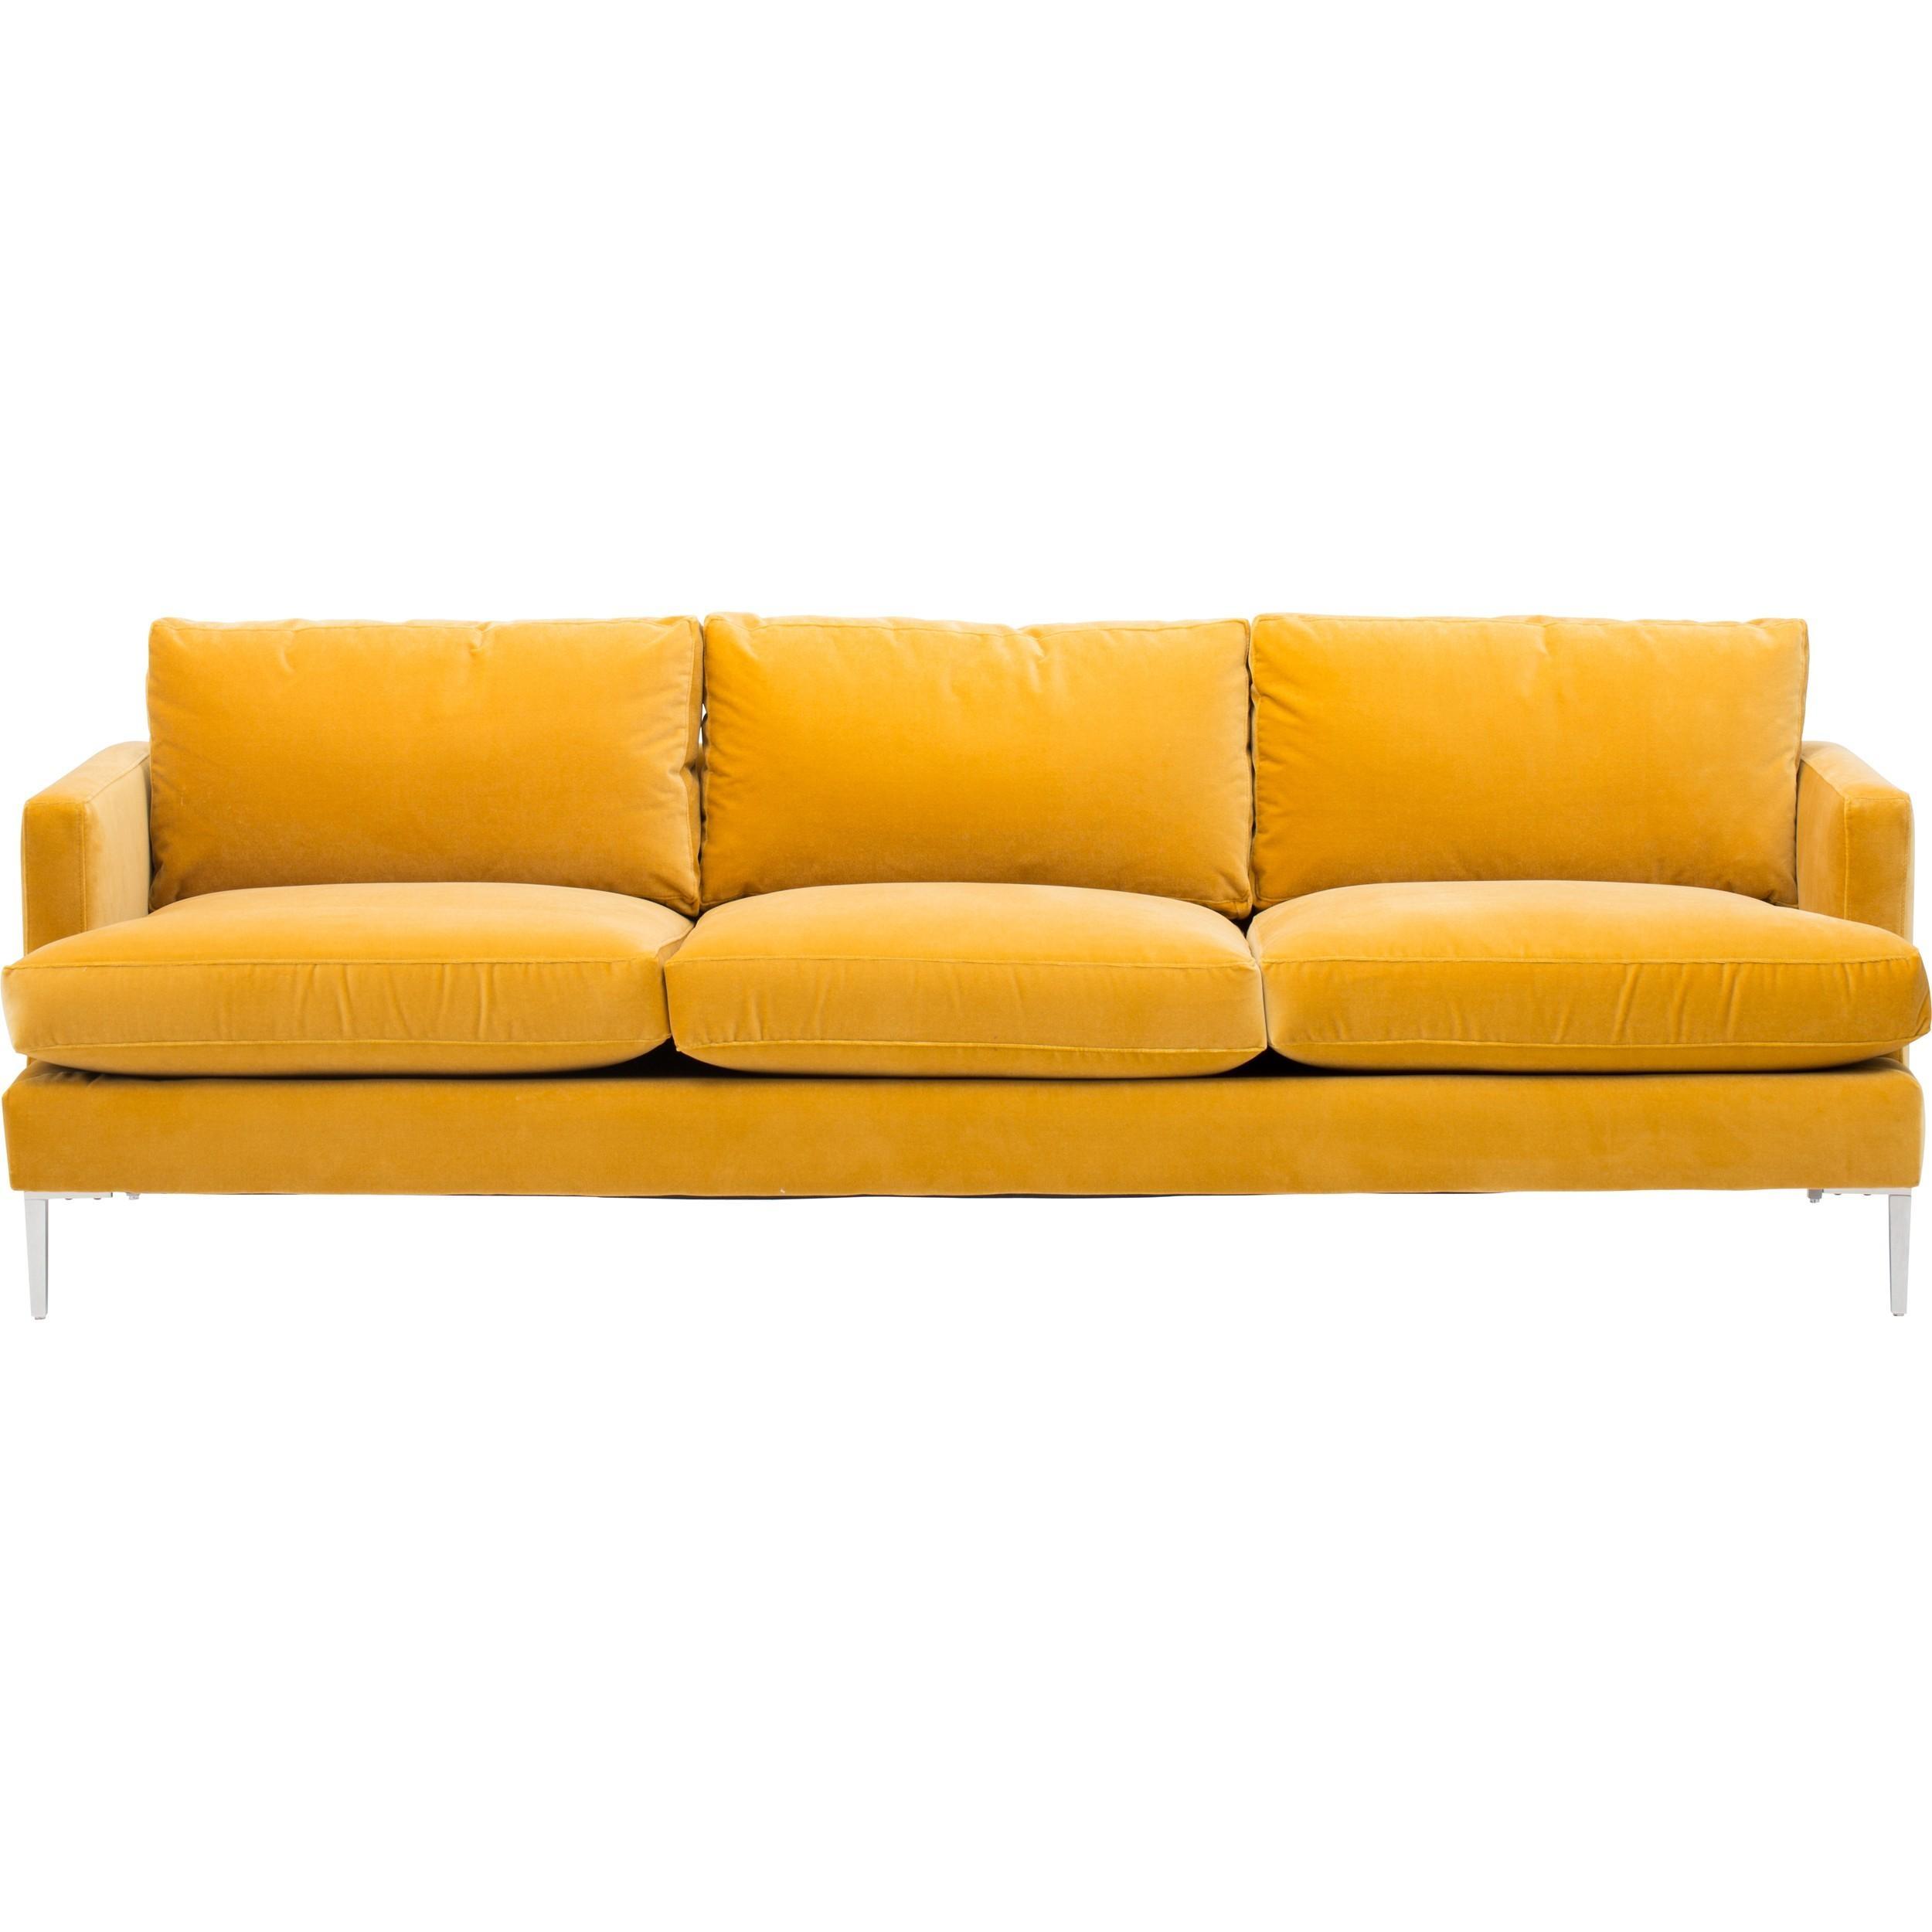 Furniture: Arhaus Leather Sofa | Mccreary Modern Furniture Website With Arhaus Leather Sofas (Image 19 of 20)